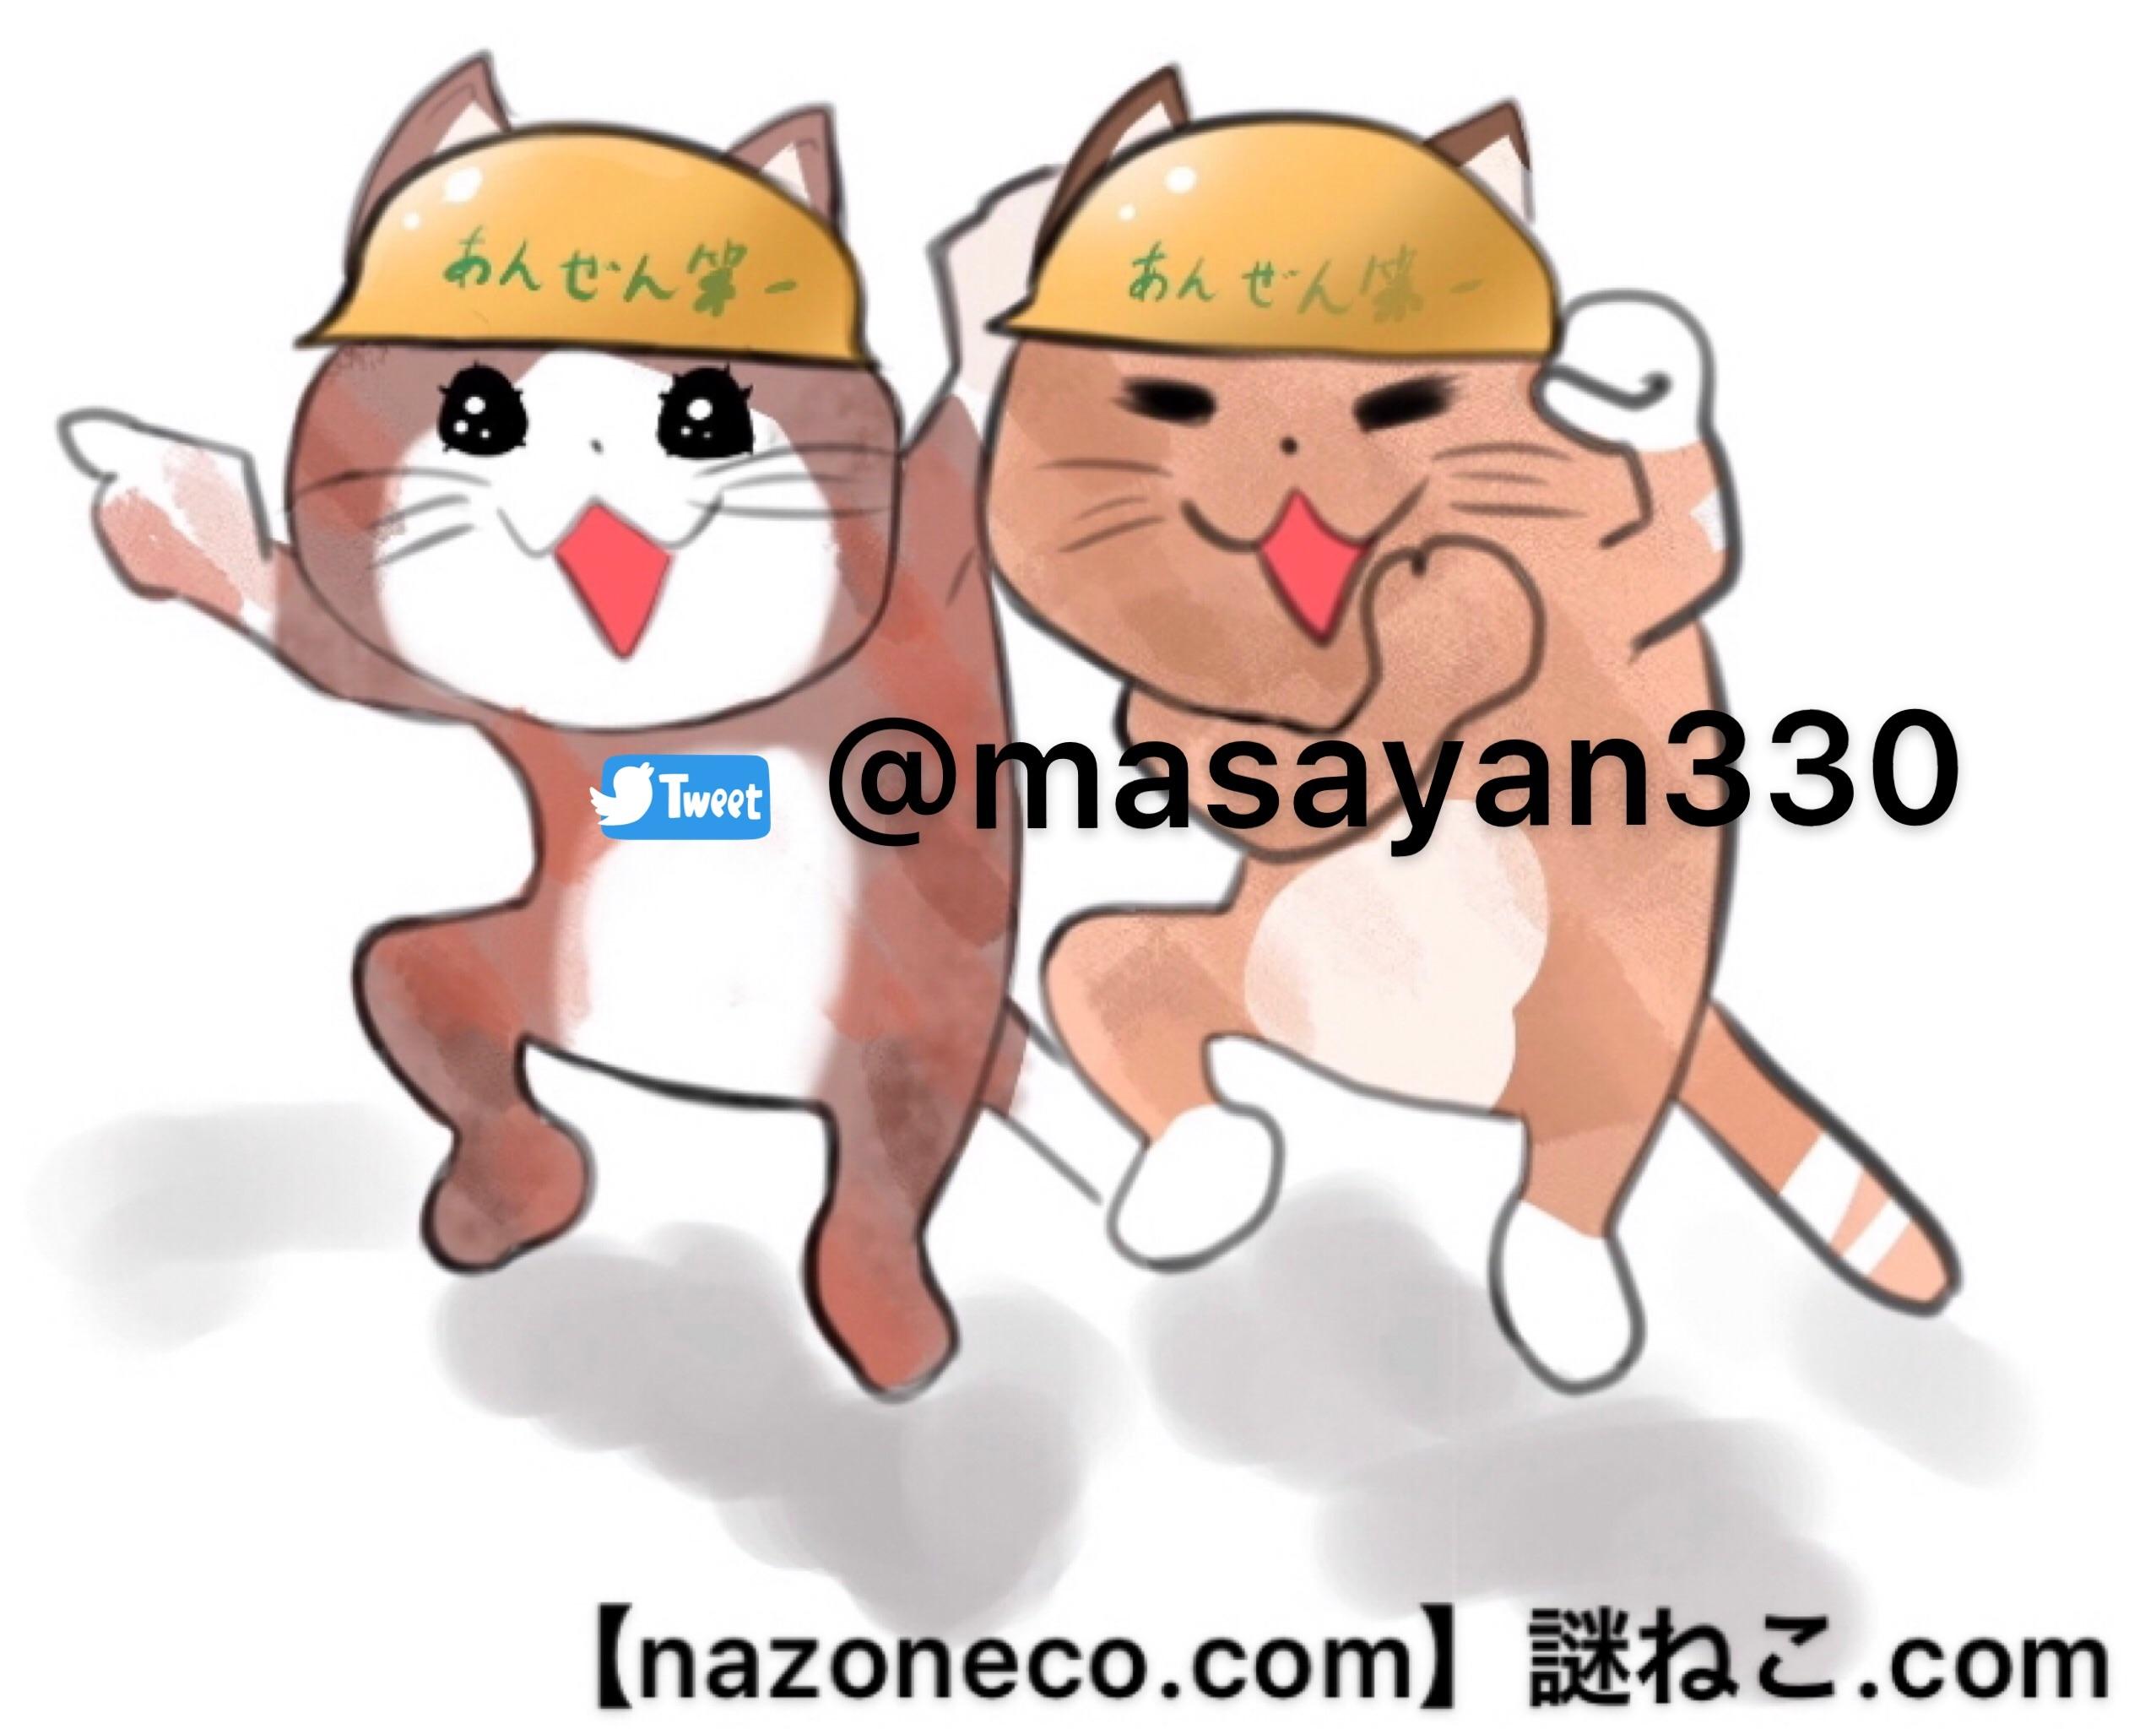 f:id:masayan33:20210611104942j:plain